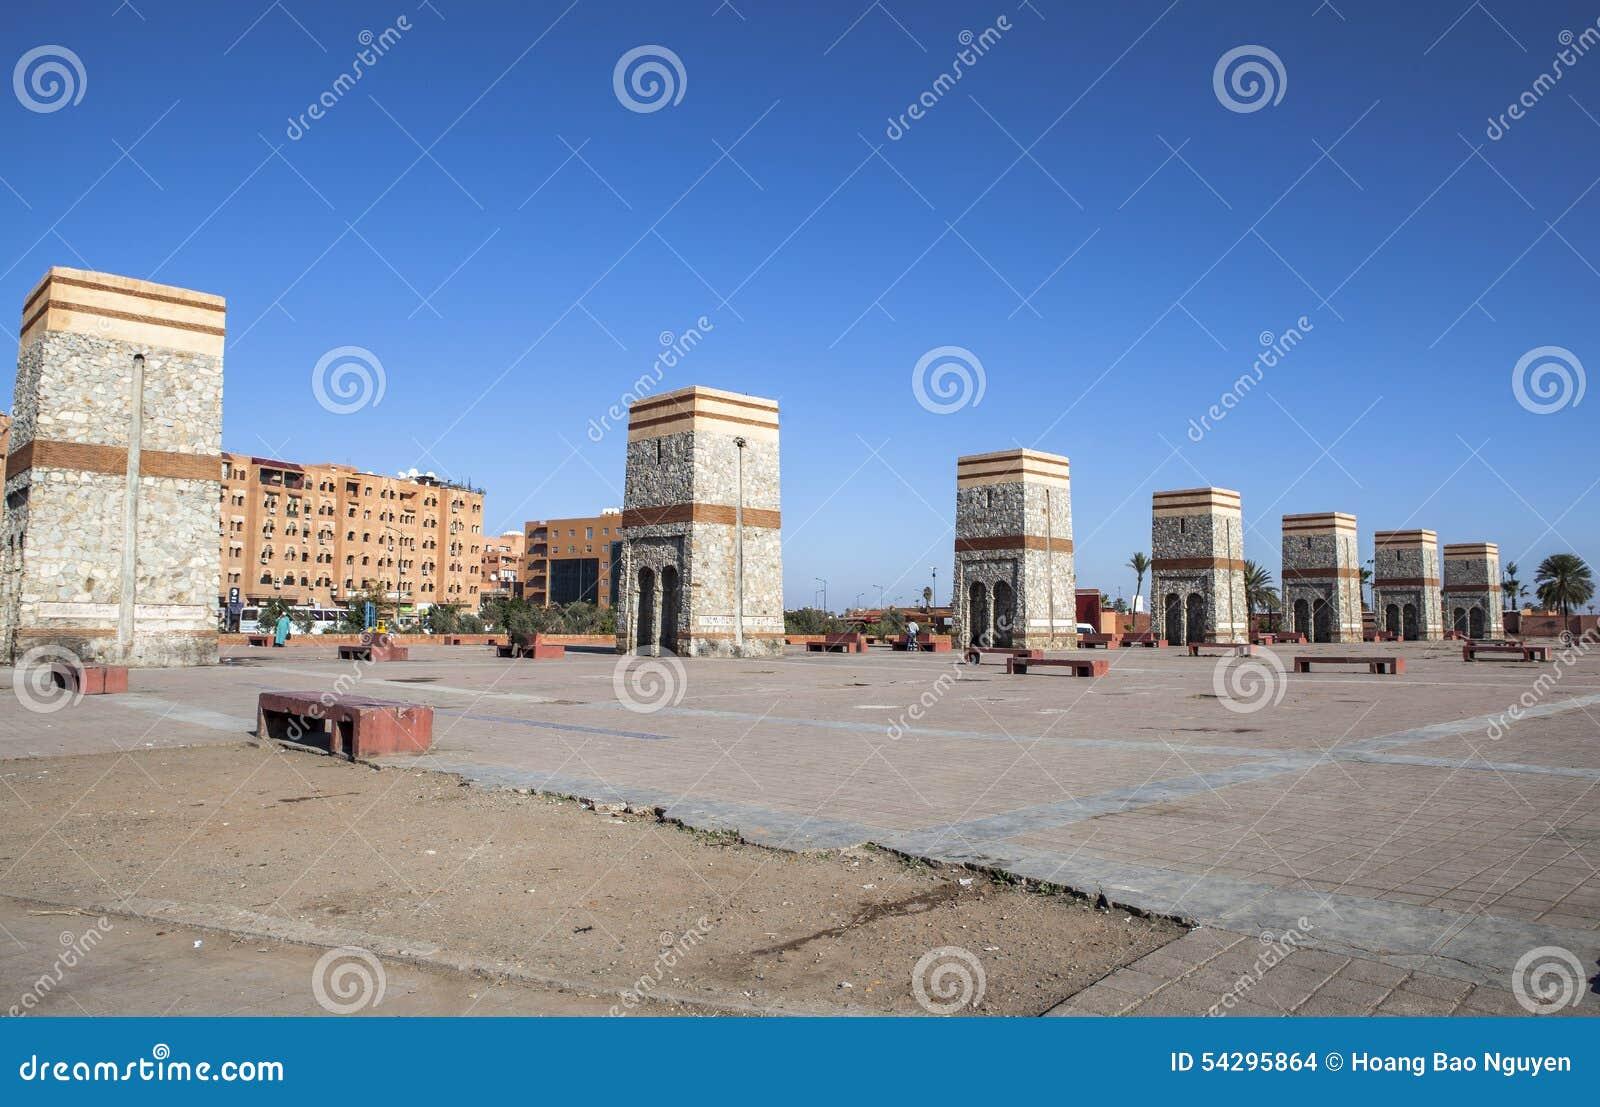 Quadrato di Marrakesh, Marocco